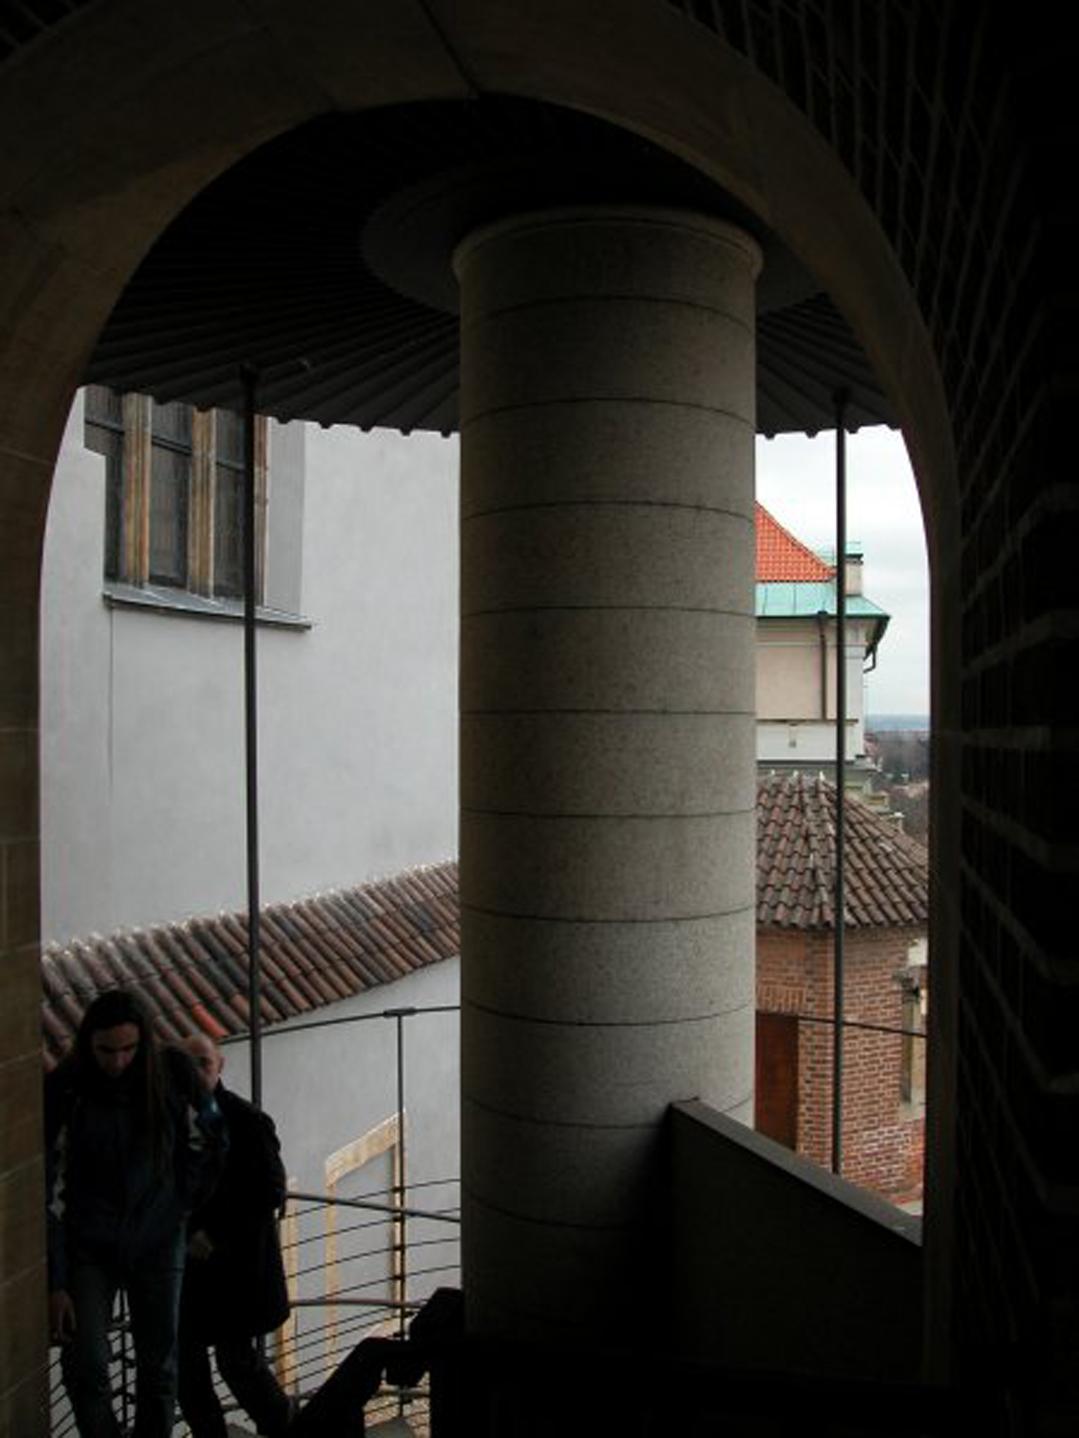 Nejkrásnější točité schodiště světa dle Borise Podreccy